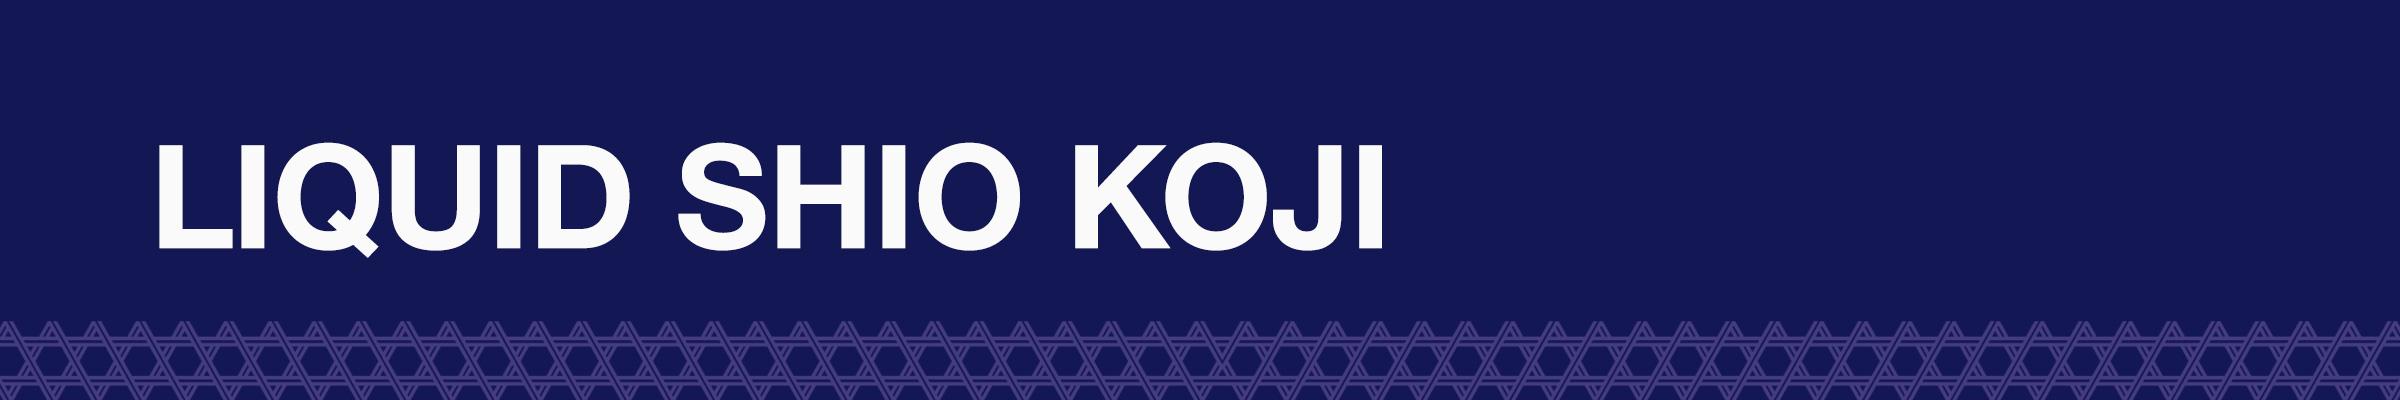 LIQUID SHIO KOJI